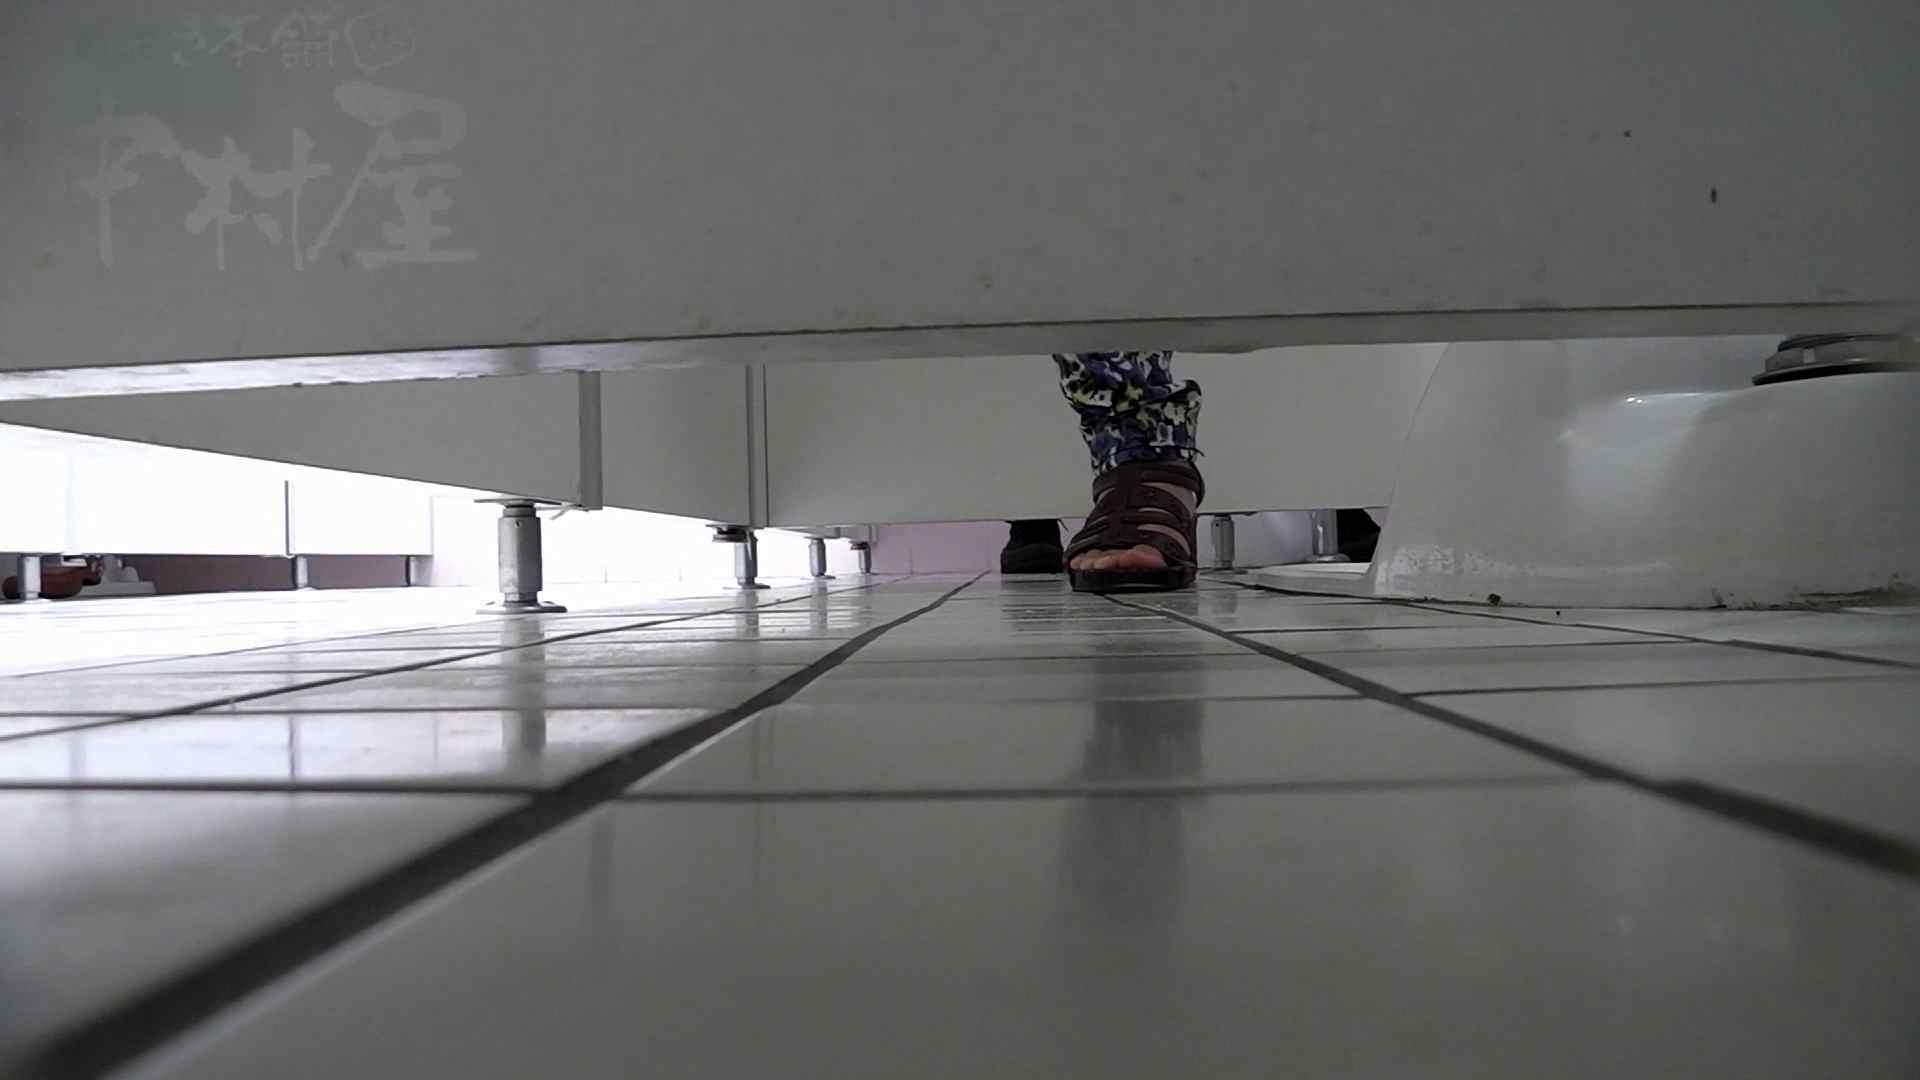 美しい日本の未来 No.22 未来進歩3 感動レベル予告のモデルつい登場か!! 盗撮大放出 女性器鑑賞 60連発 46